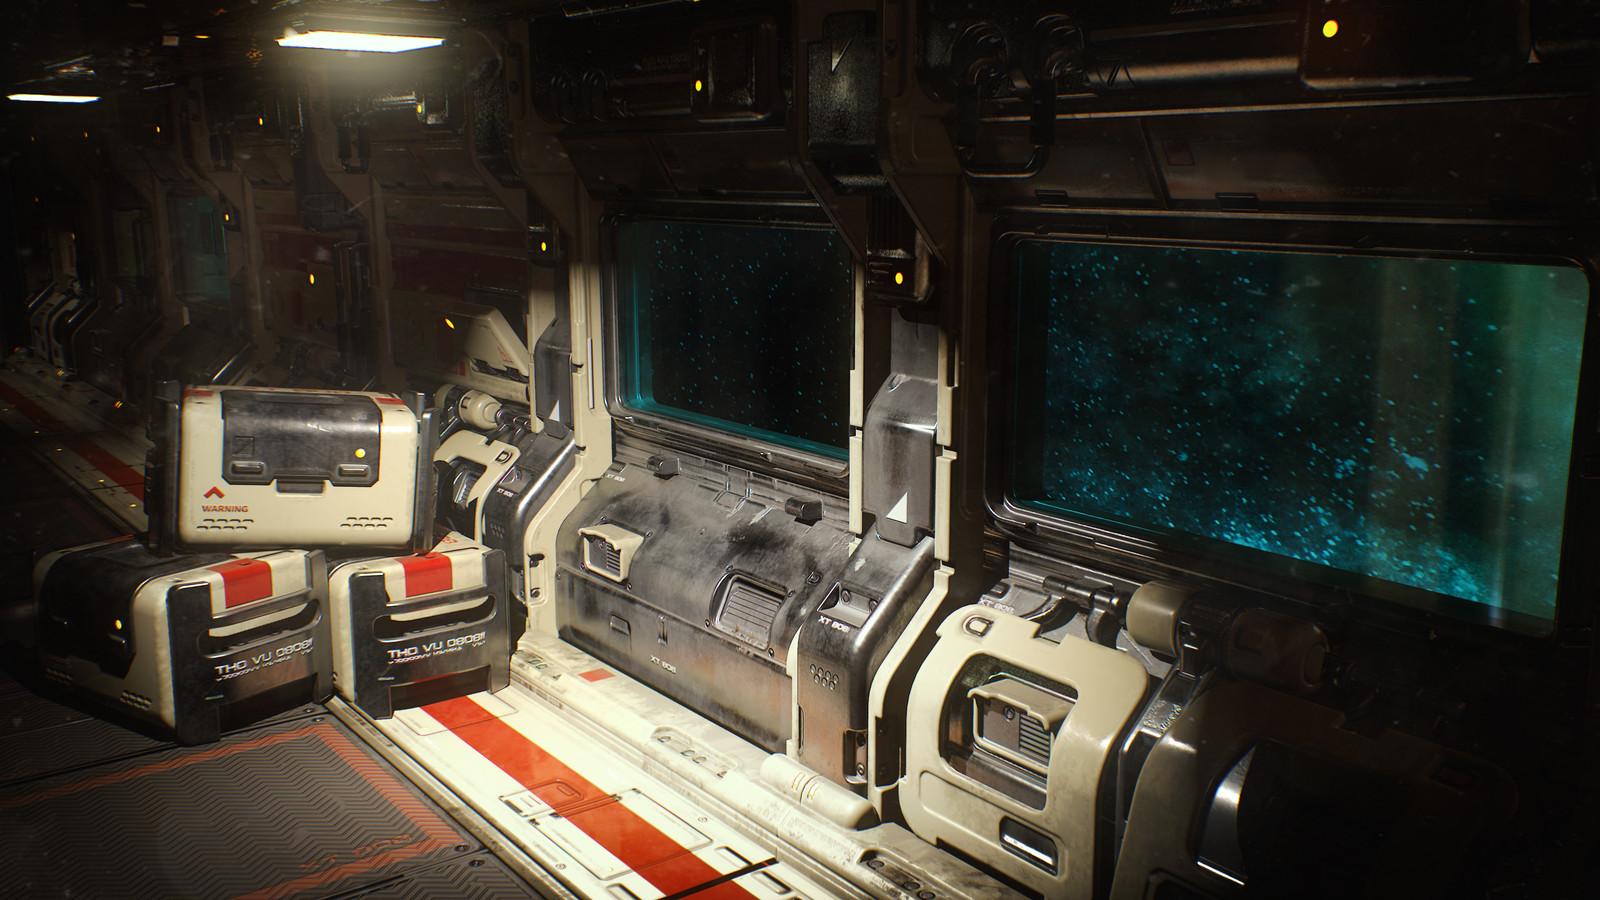 Sci-Fi Corridor. Modular environment v2.